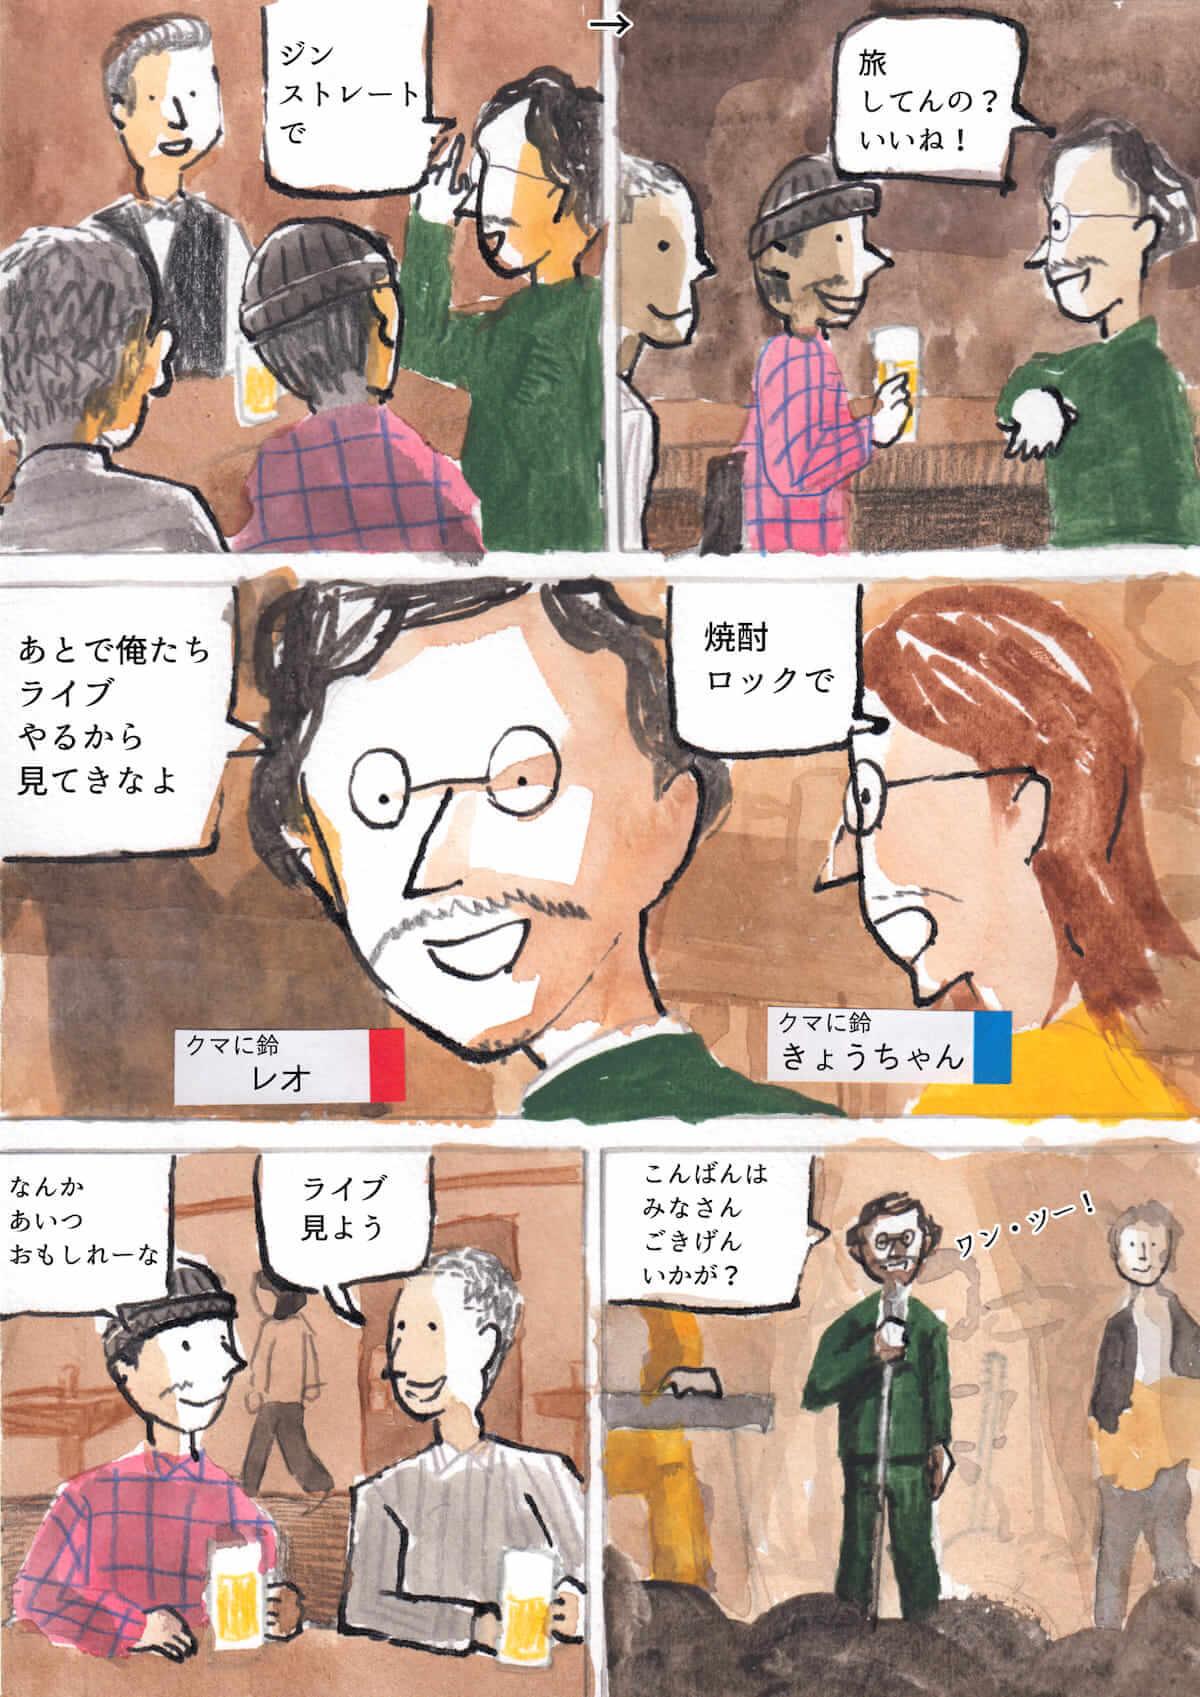 【あのMVを漫画で描く】クマに鈴/Ghost Town ongakuwomangade-6_2-1200x1697